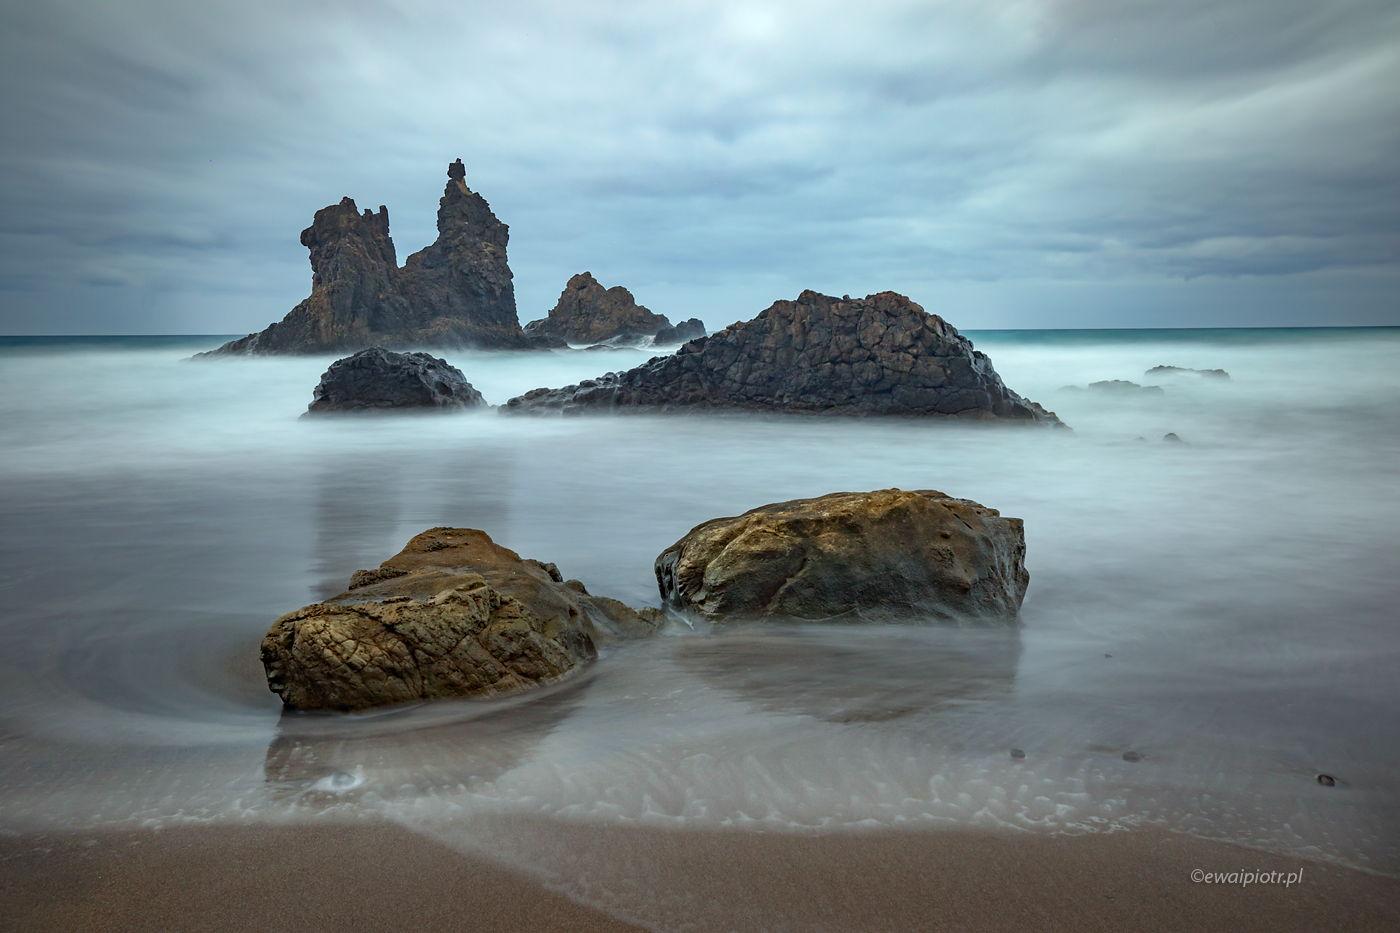 Najlepsza plaża dla fotografa, Teneryfa, Wyspy Kanaryjskie